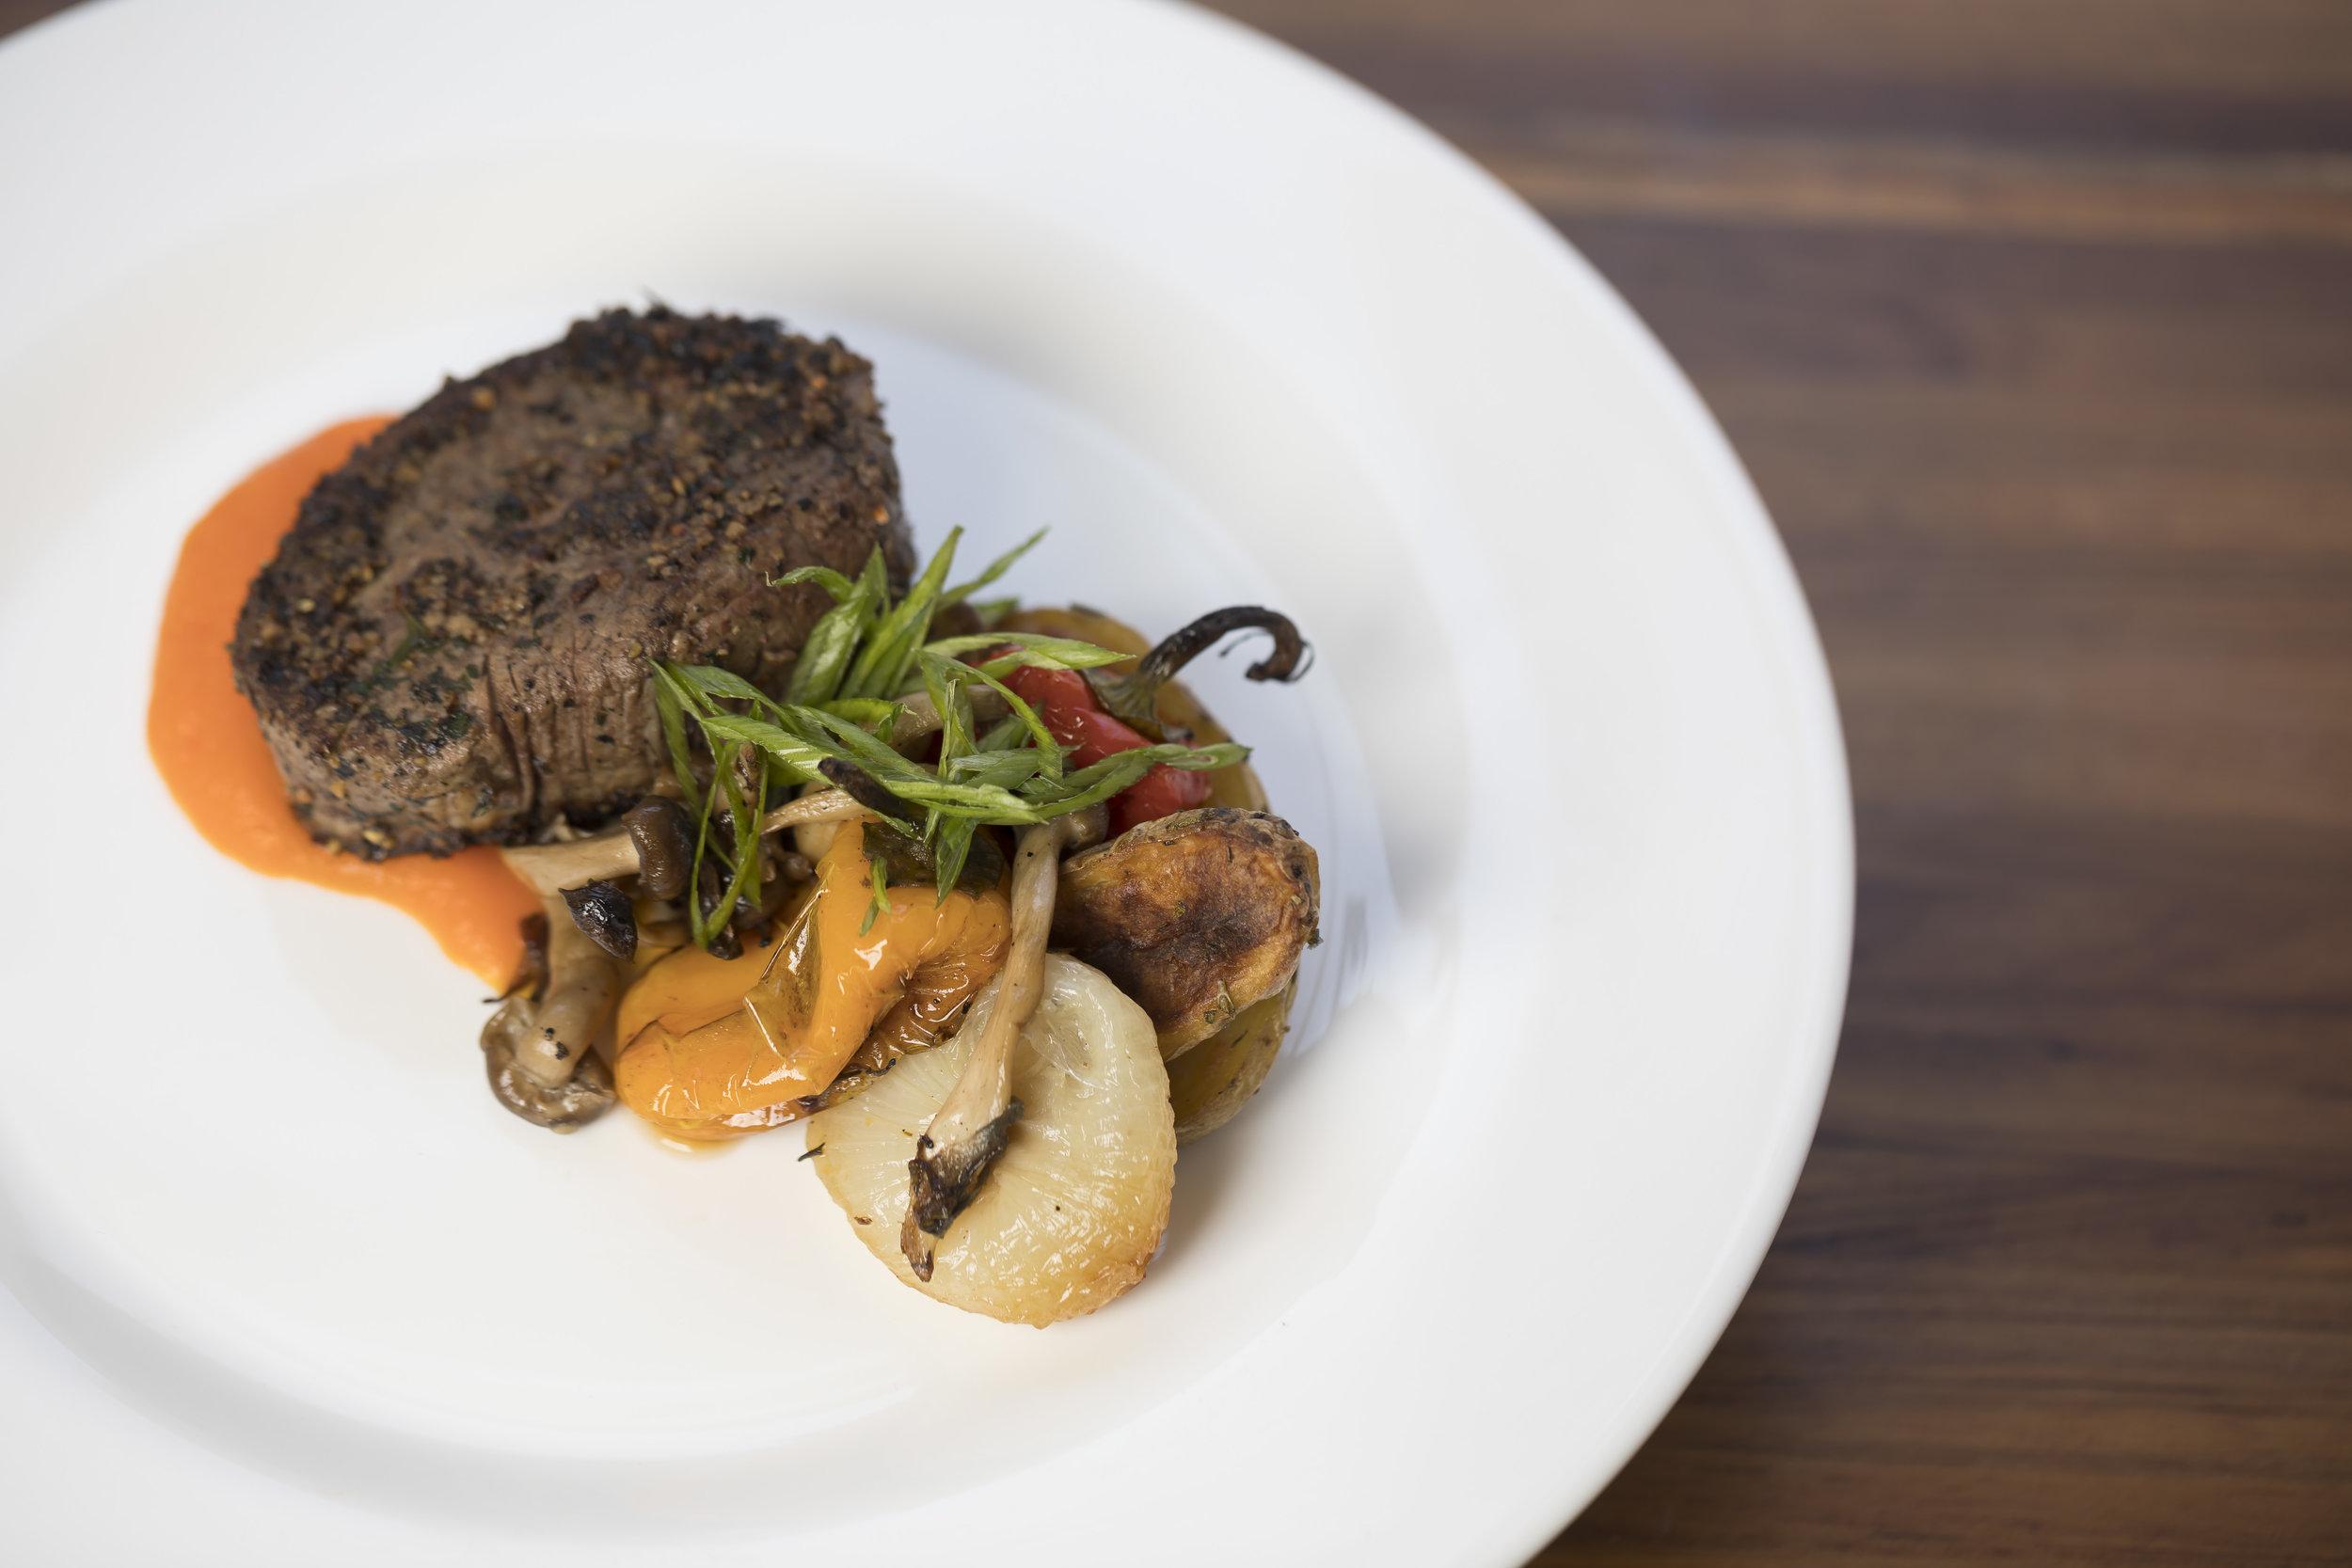 Silk Road Beef Tenderloin with Roast Vegetables_Main_Fall 18 GP Tasting_BH_62.JPG